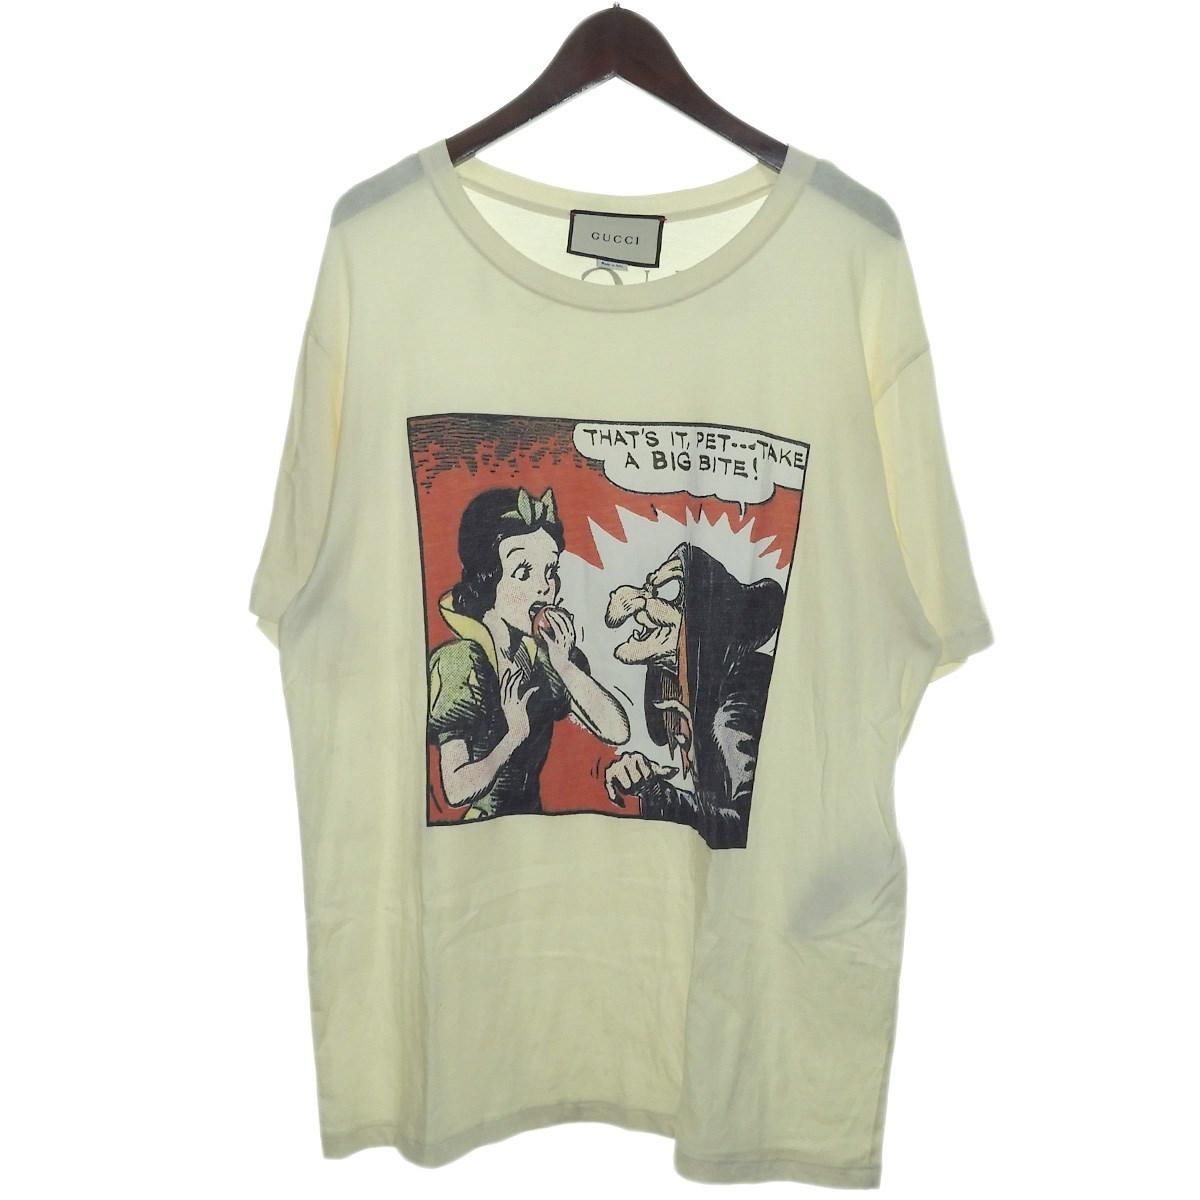 【中古】GUCCI 2018SS 白雪姫プリントTシャツ ホワイト サイズ:XL 【301219】(グッチ)